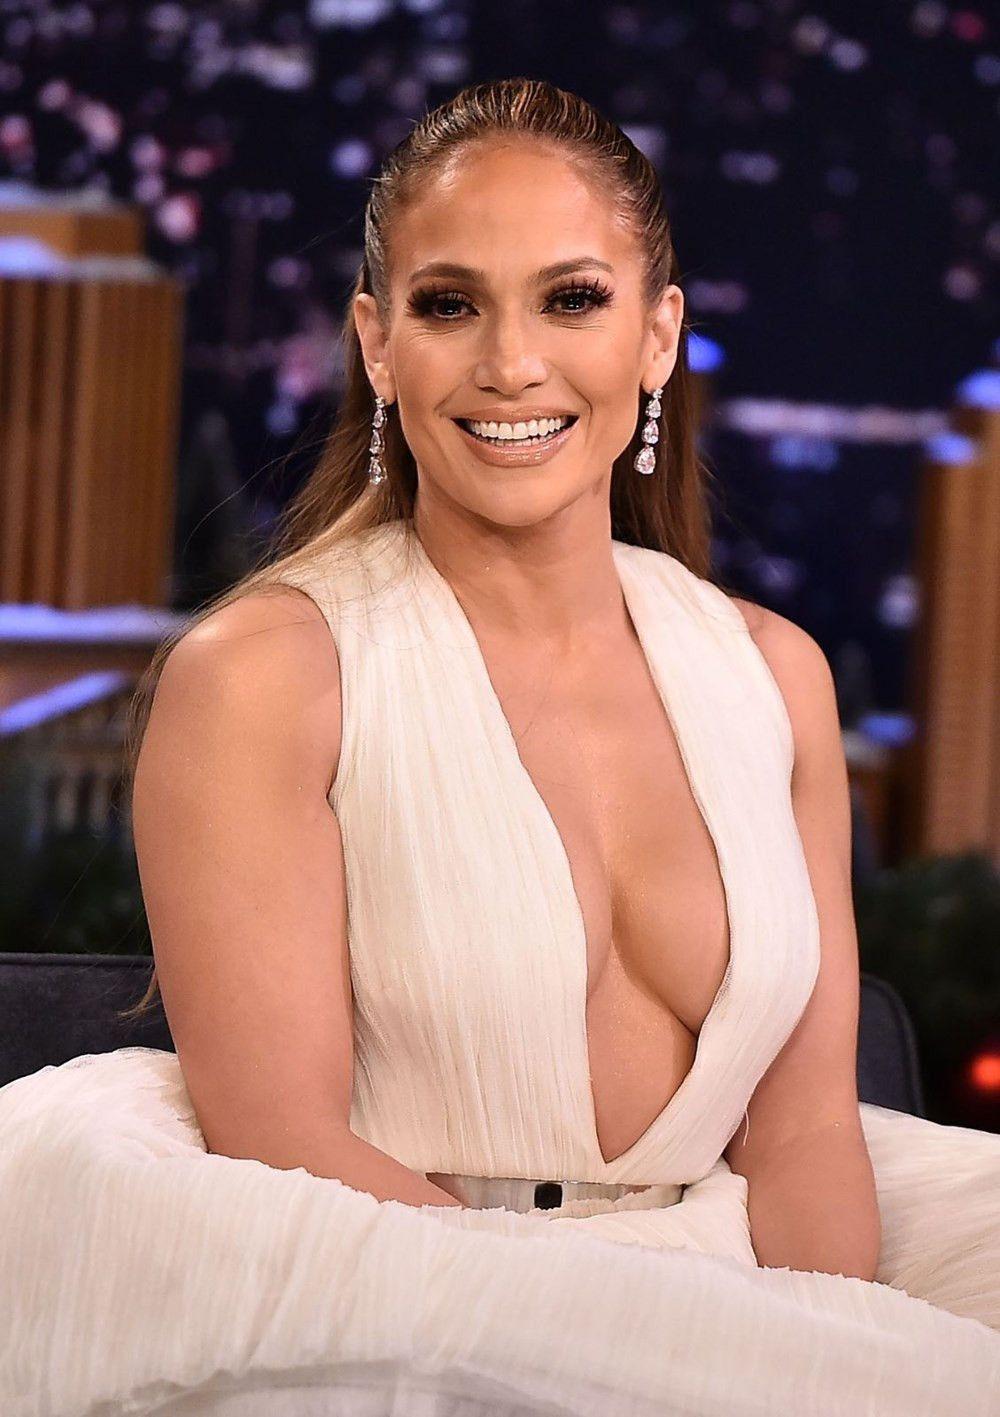 Jennifer Lopez'in kariyerindeki pişmanlığı! - Sayfa 4